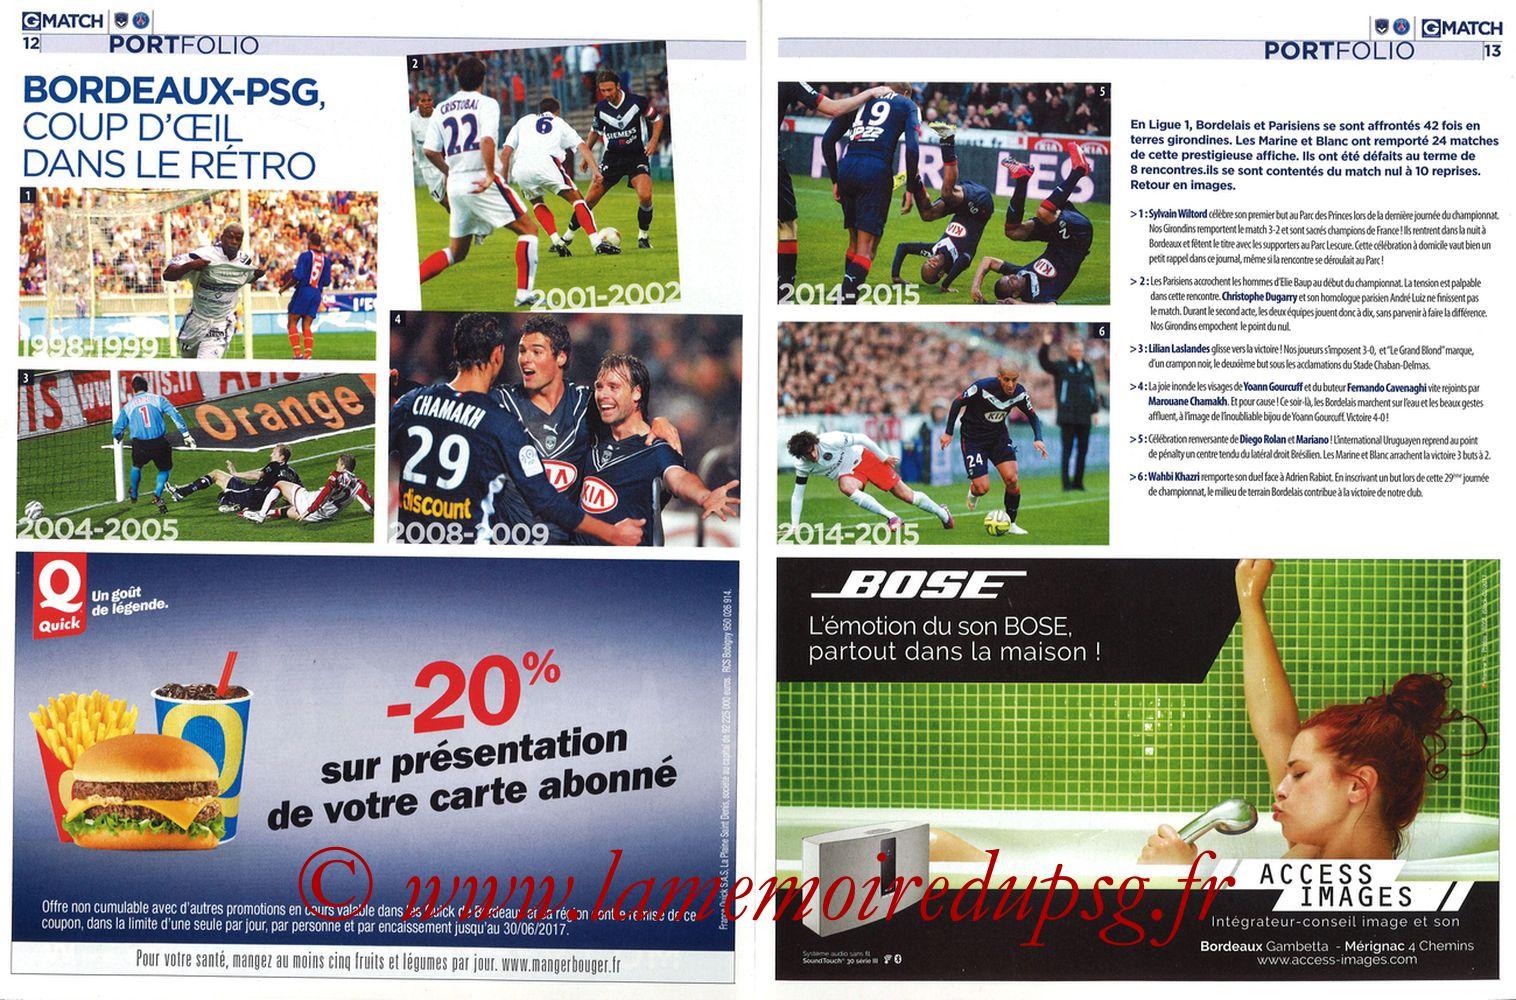 2017-02-10  Bordeaux-PSG (25ème L1, Girondins Match N°35) - Pages 12 et 13